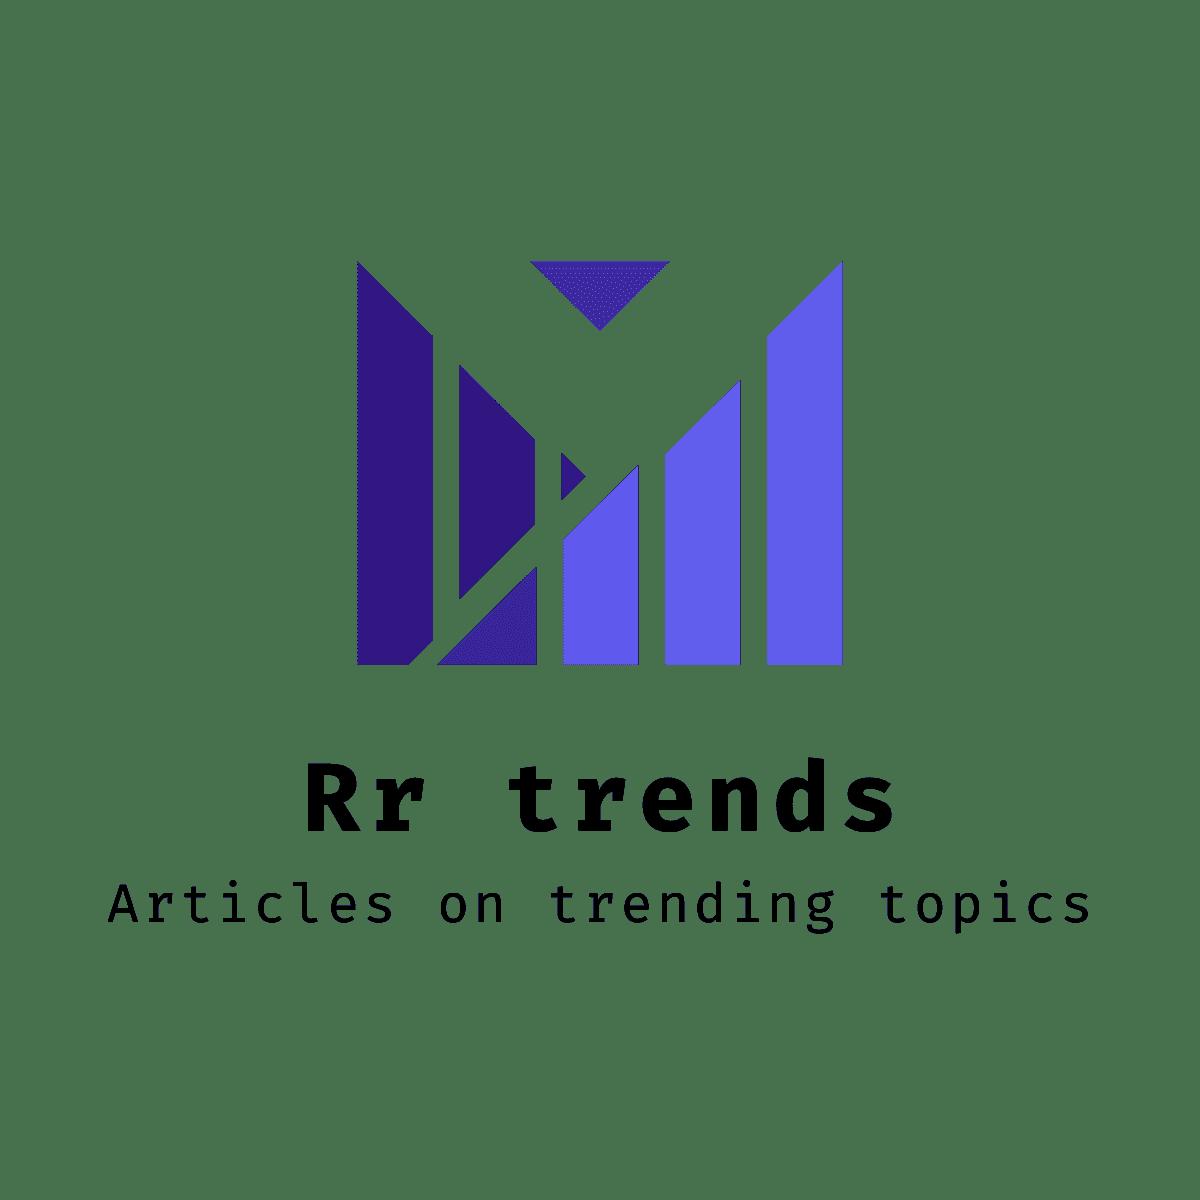 Trending news - rr-trends